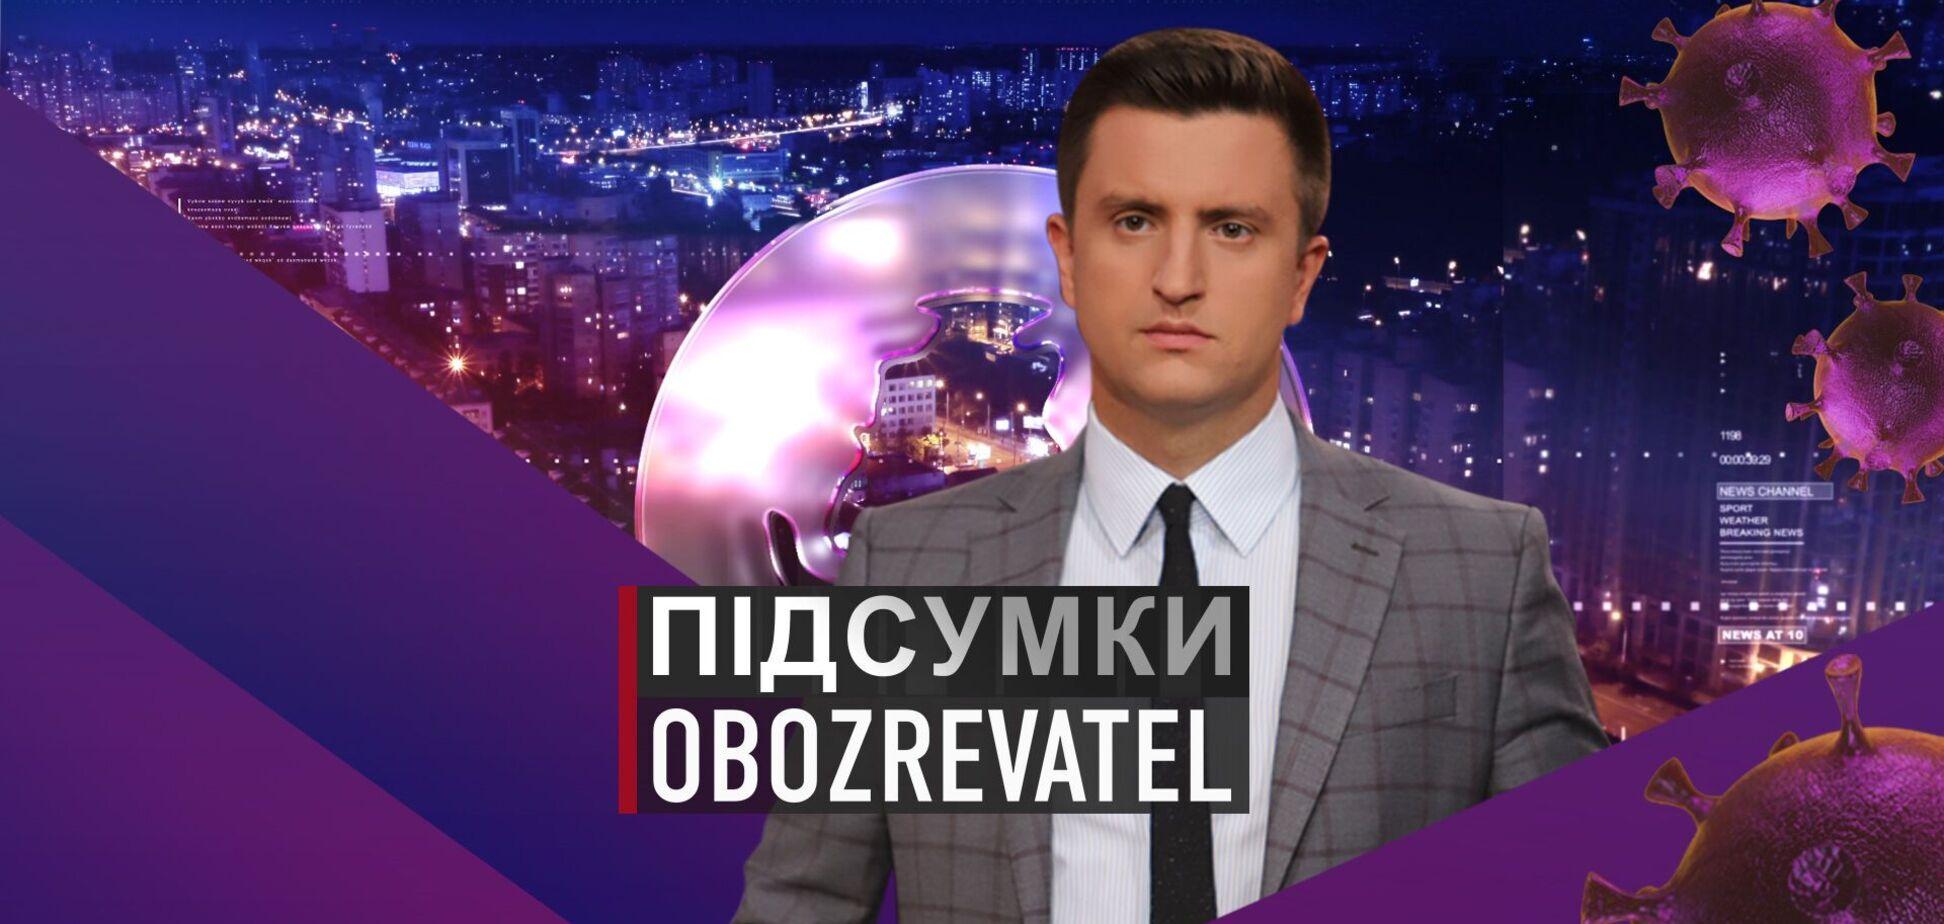 Підсумки з Вадимом Колодійчуком. П'ятниця, 7 травня